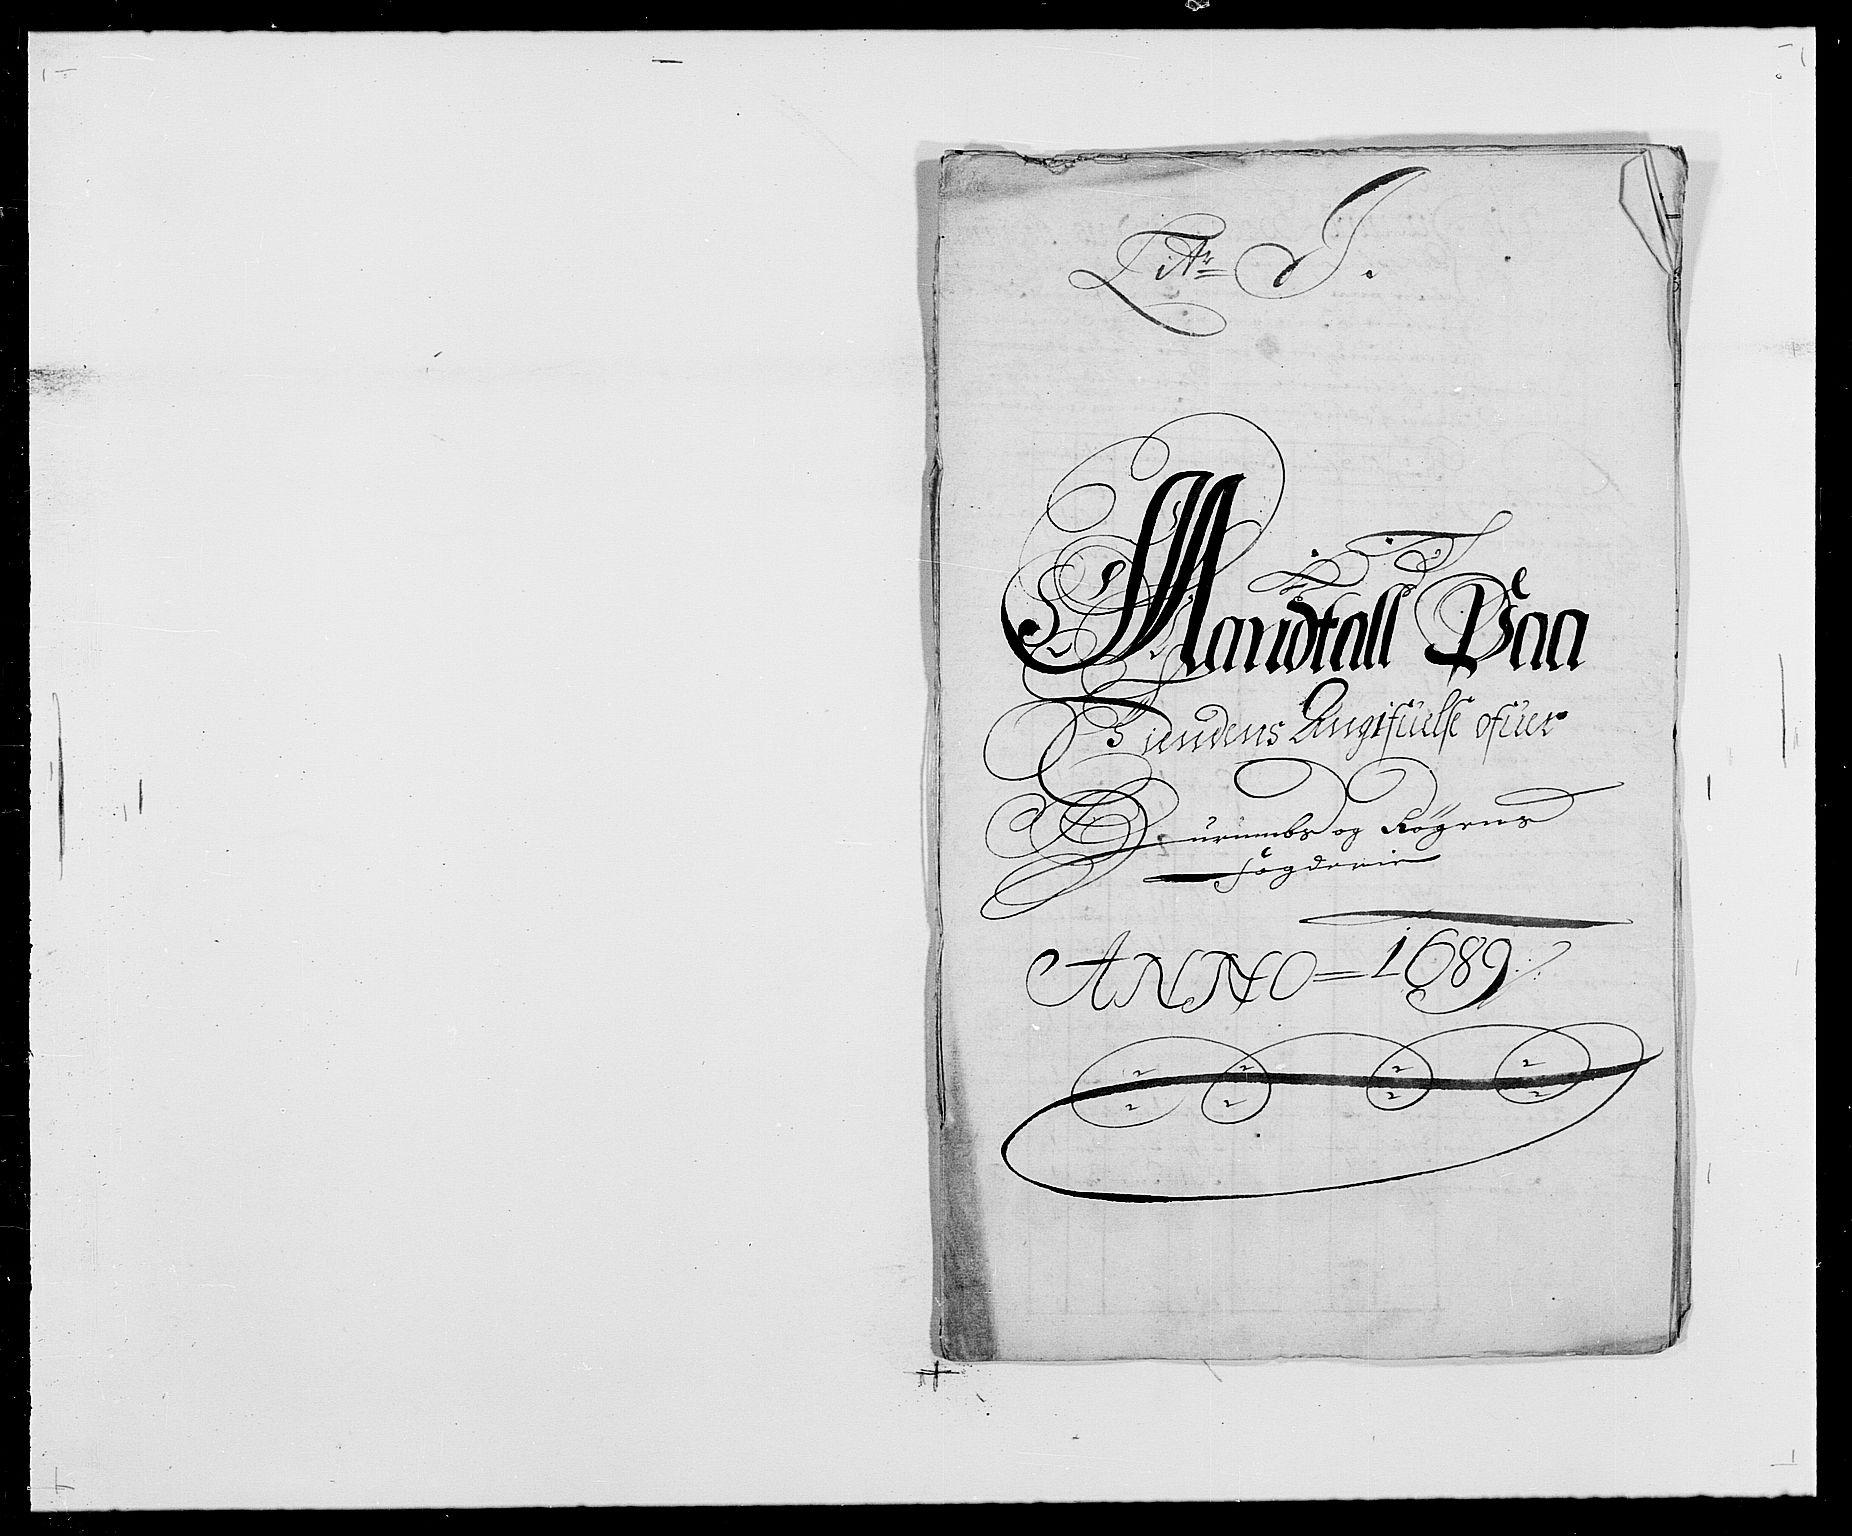 RA, Rentekammeret inntil 1814, Reviderte regnskaper, Fogderegnskap, R29/L1693: Fogderegnskap Hurum og Røyken, 1688-1693, s. 90